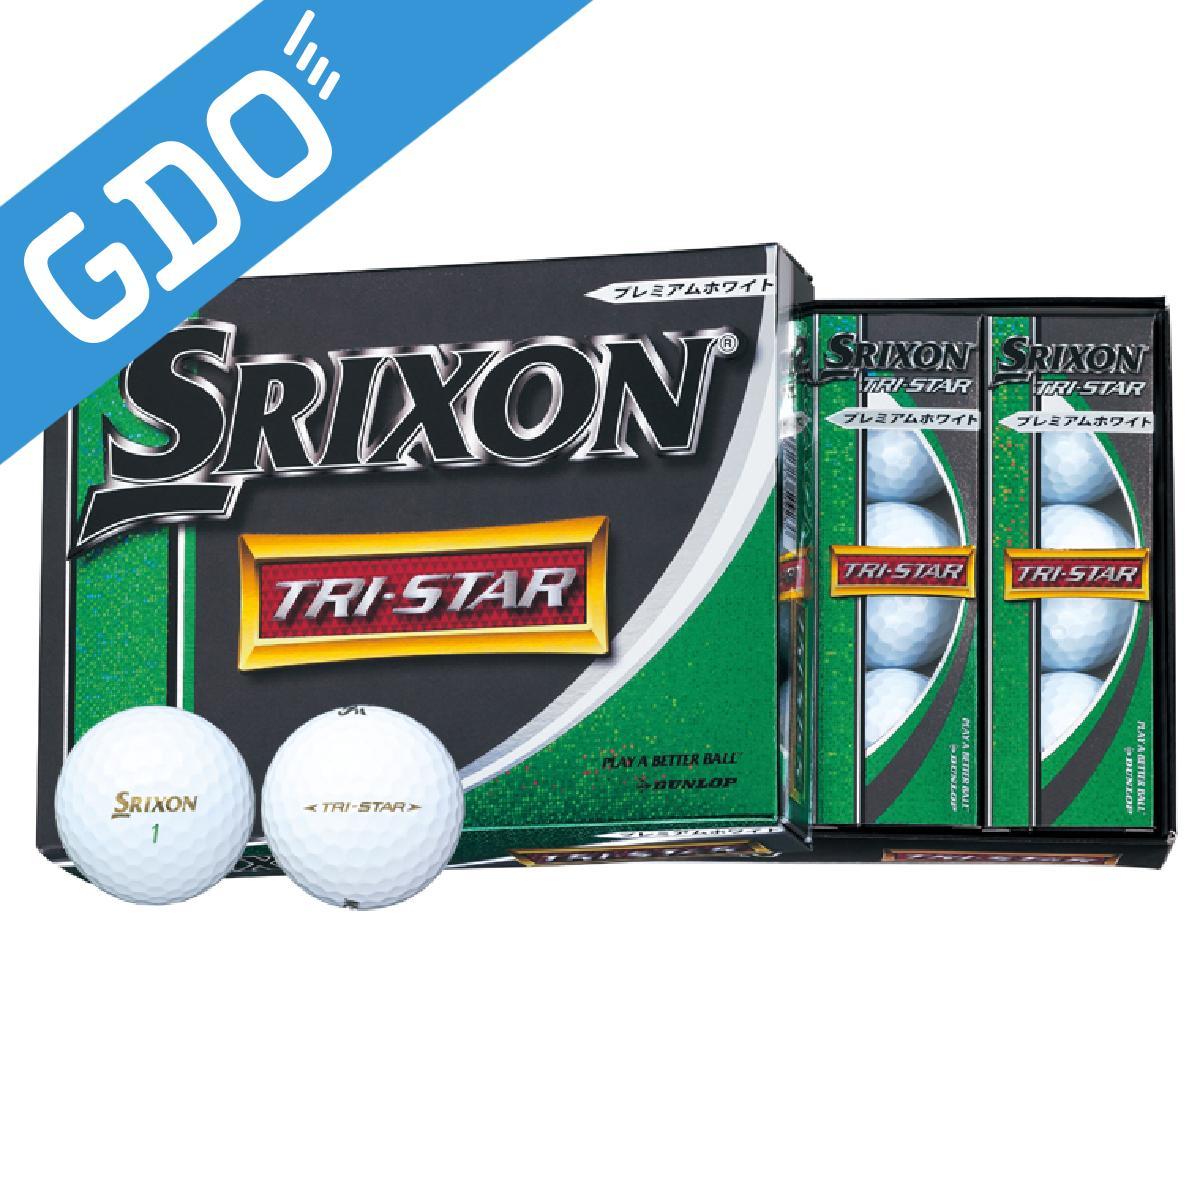 ダンロップ SRIXON TRI-STAR ボール/ゴルフボール[ゴルフ用品 GOLF GDO ボール ゴルフボール プレゼント ギフト 通販 楽天]